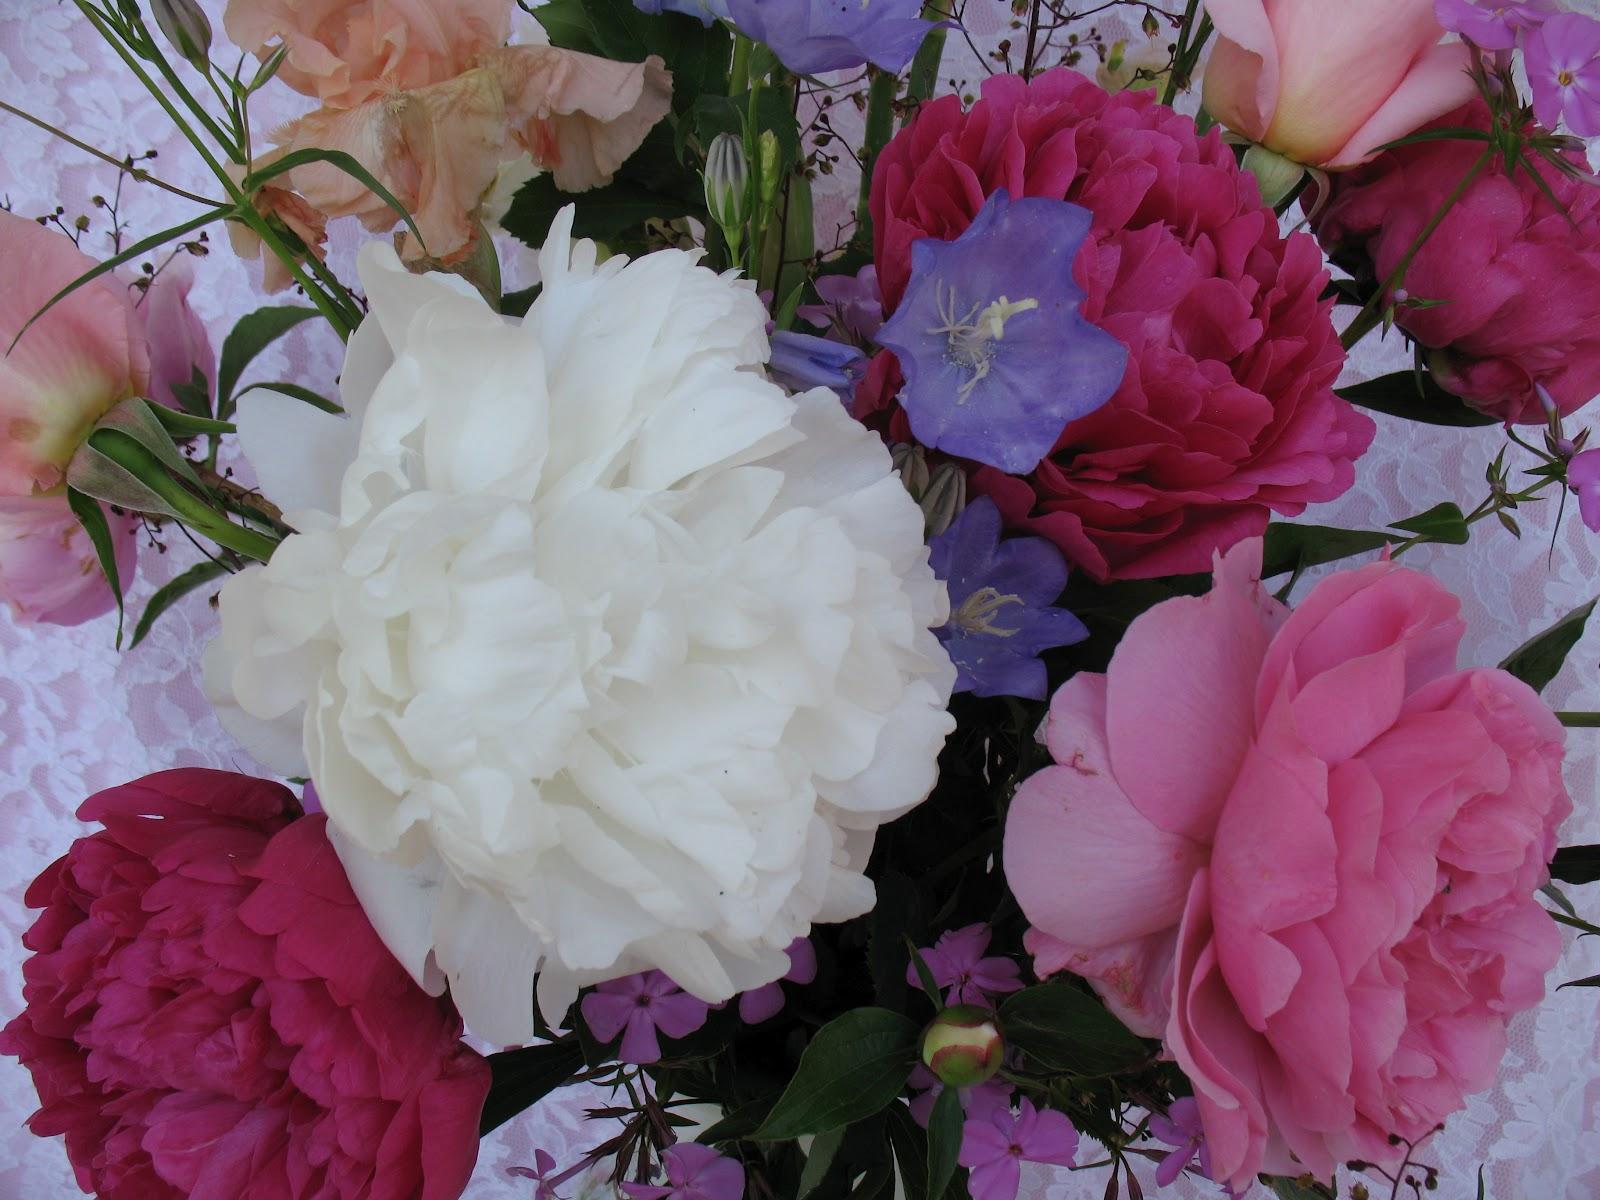 roses du jardin ch neland bouquet pivoine et iris. Black Bedroom Furniture Sets. Home Design Ideas